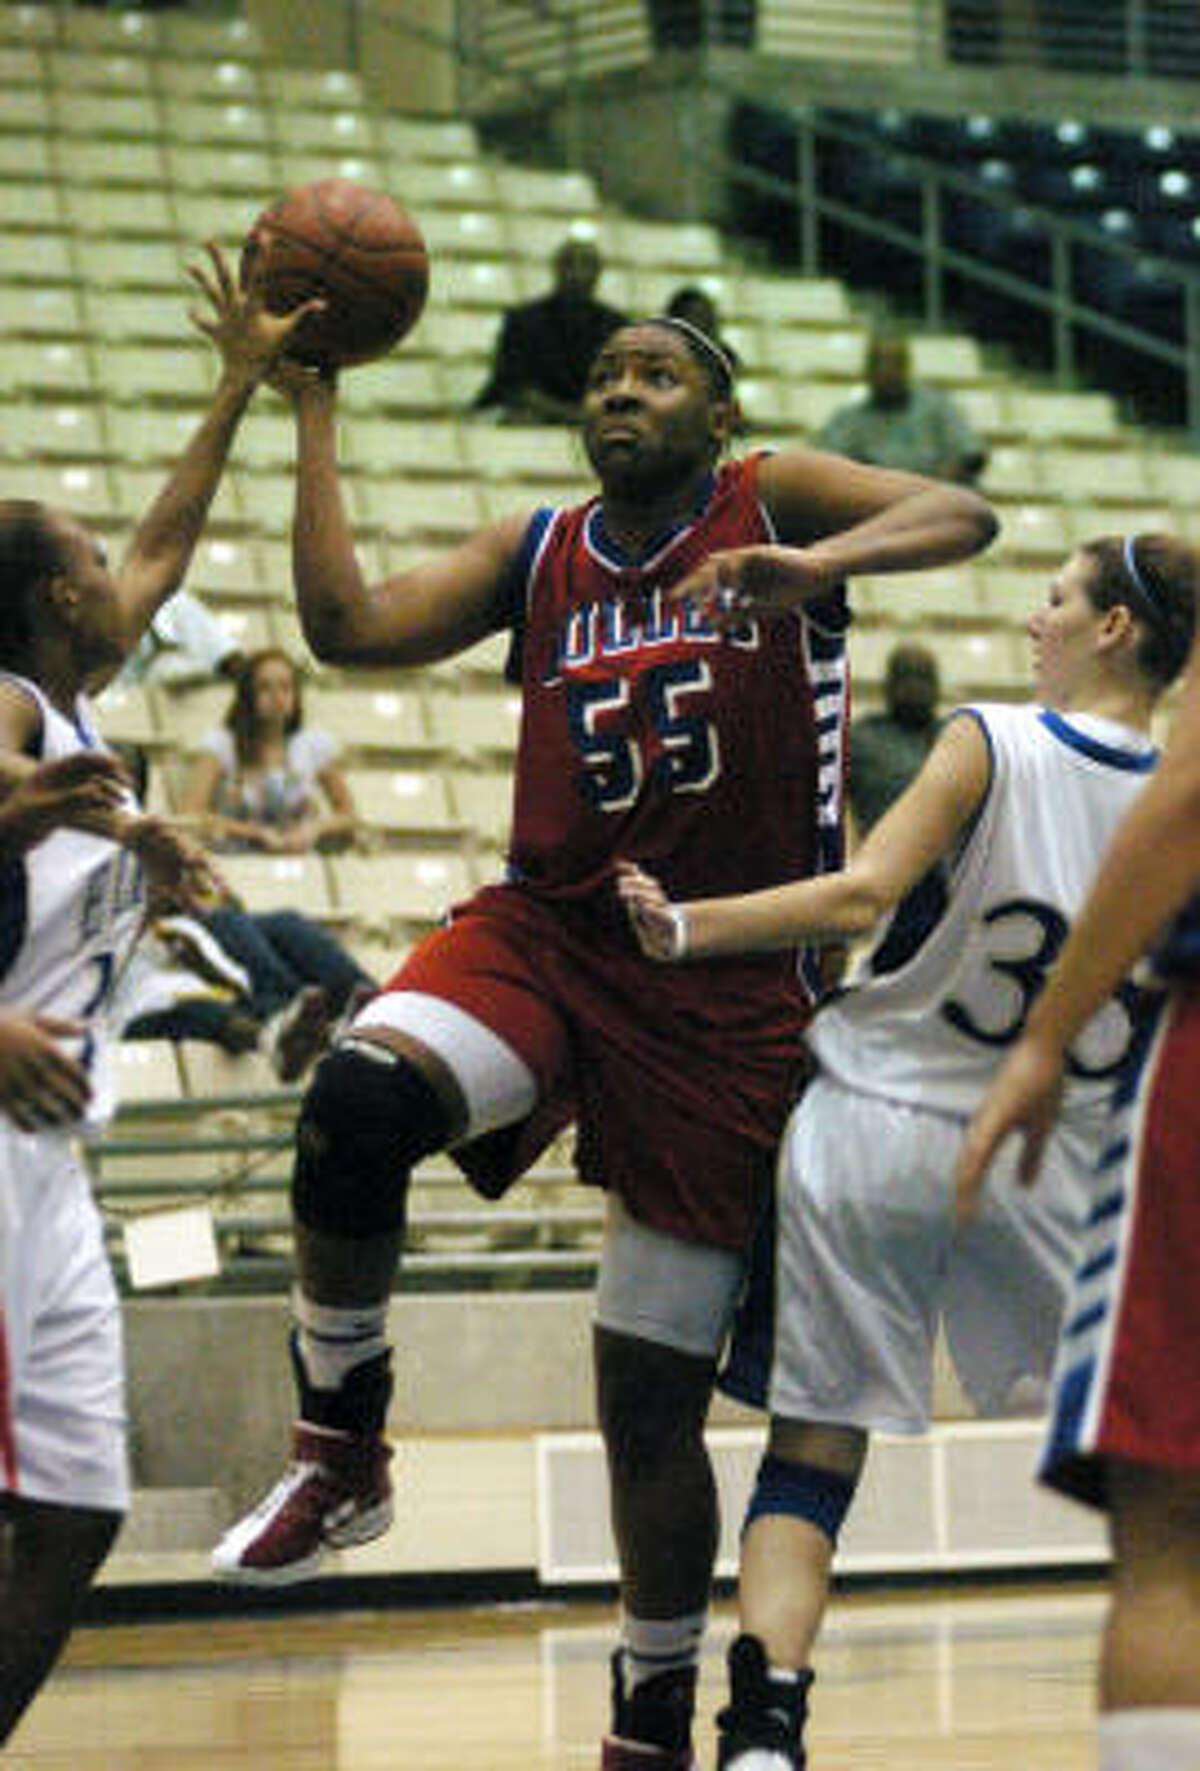 Nov. 13, 2007 Dulles' Kelsey Bone drives to the basket against Elkins.